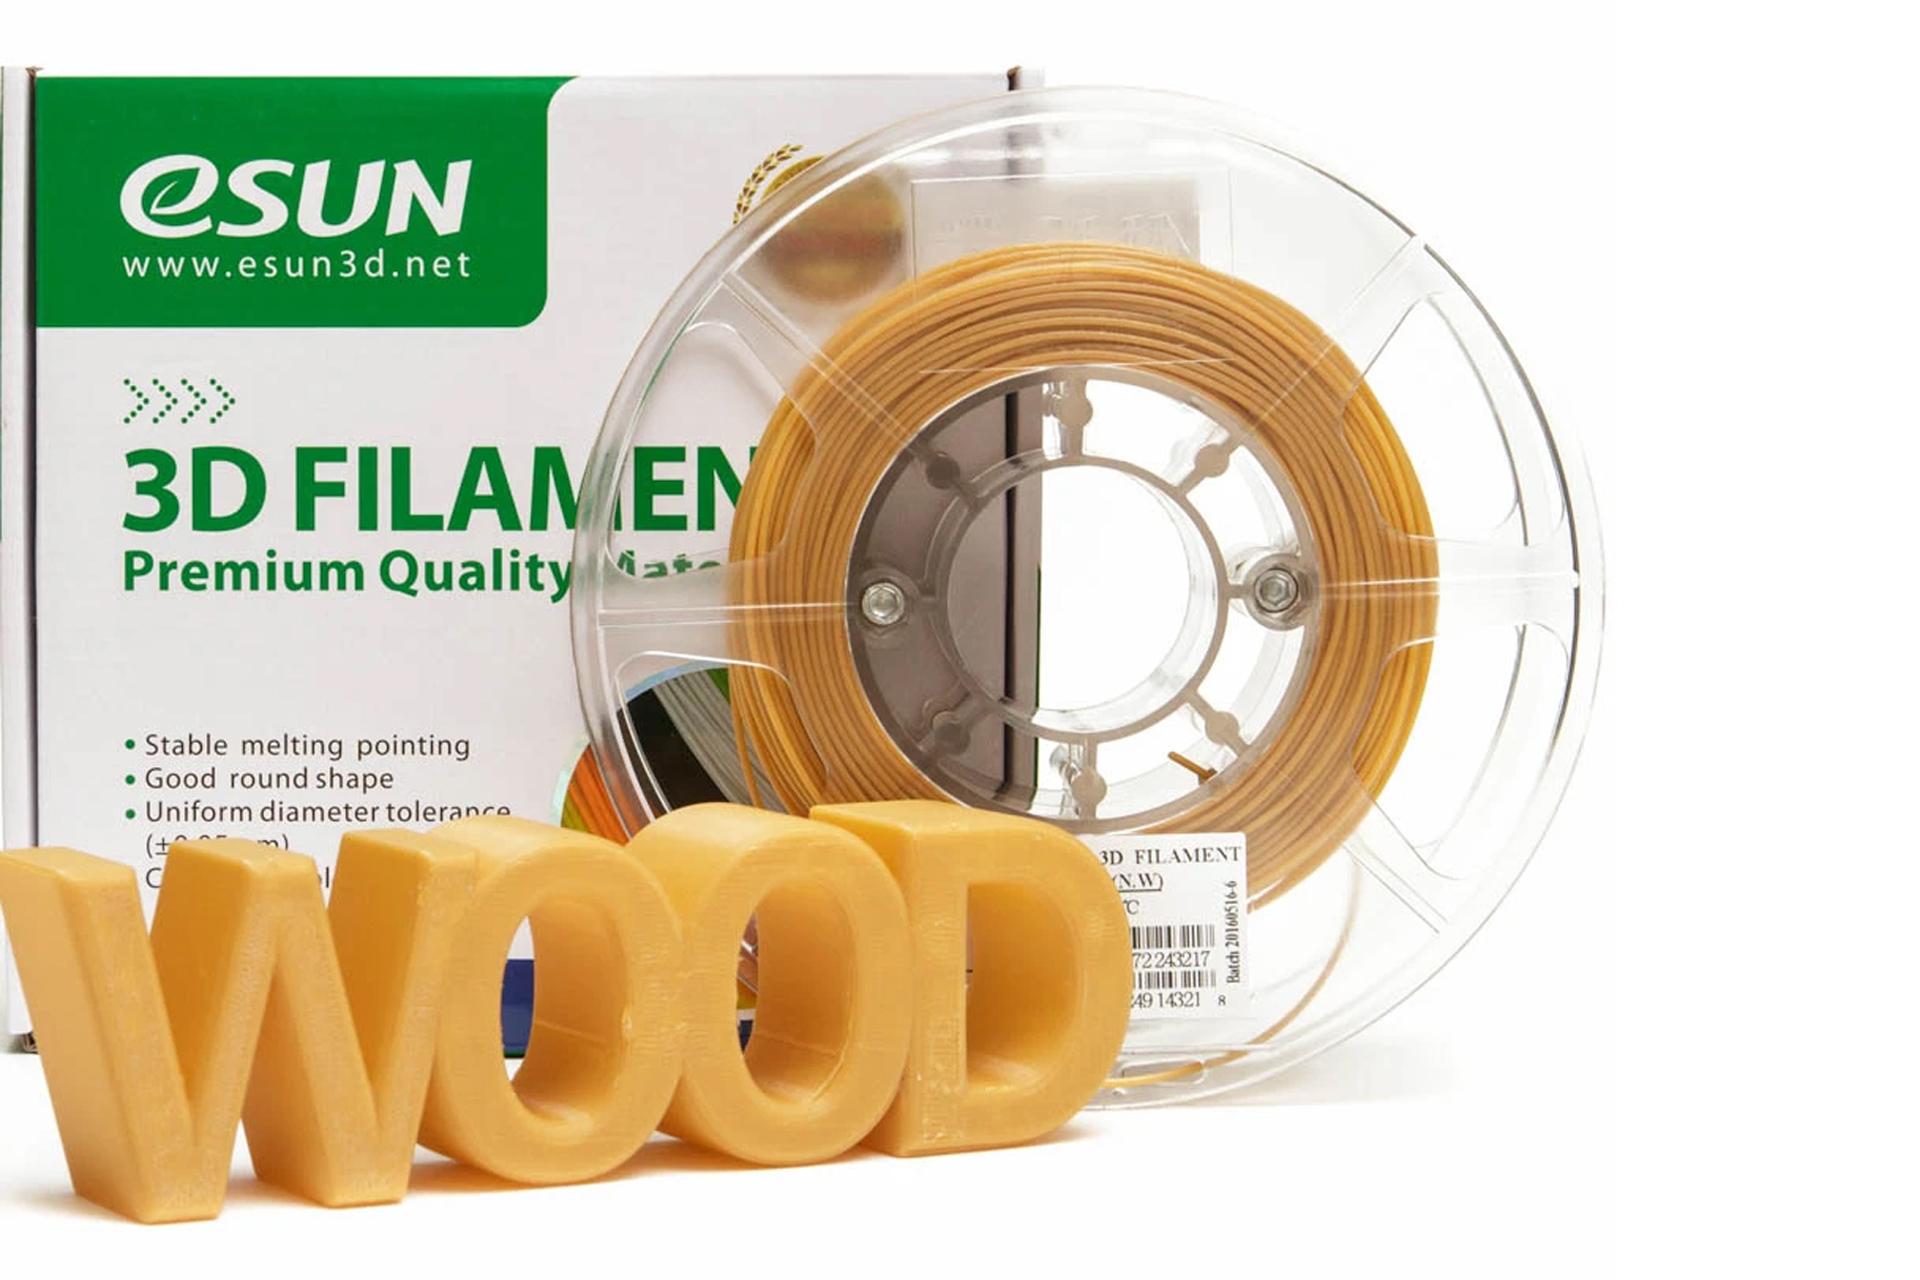 Wood пластик ESUN натуральный (natural) купить киев харьков днепр запорожье львов одесса